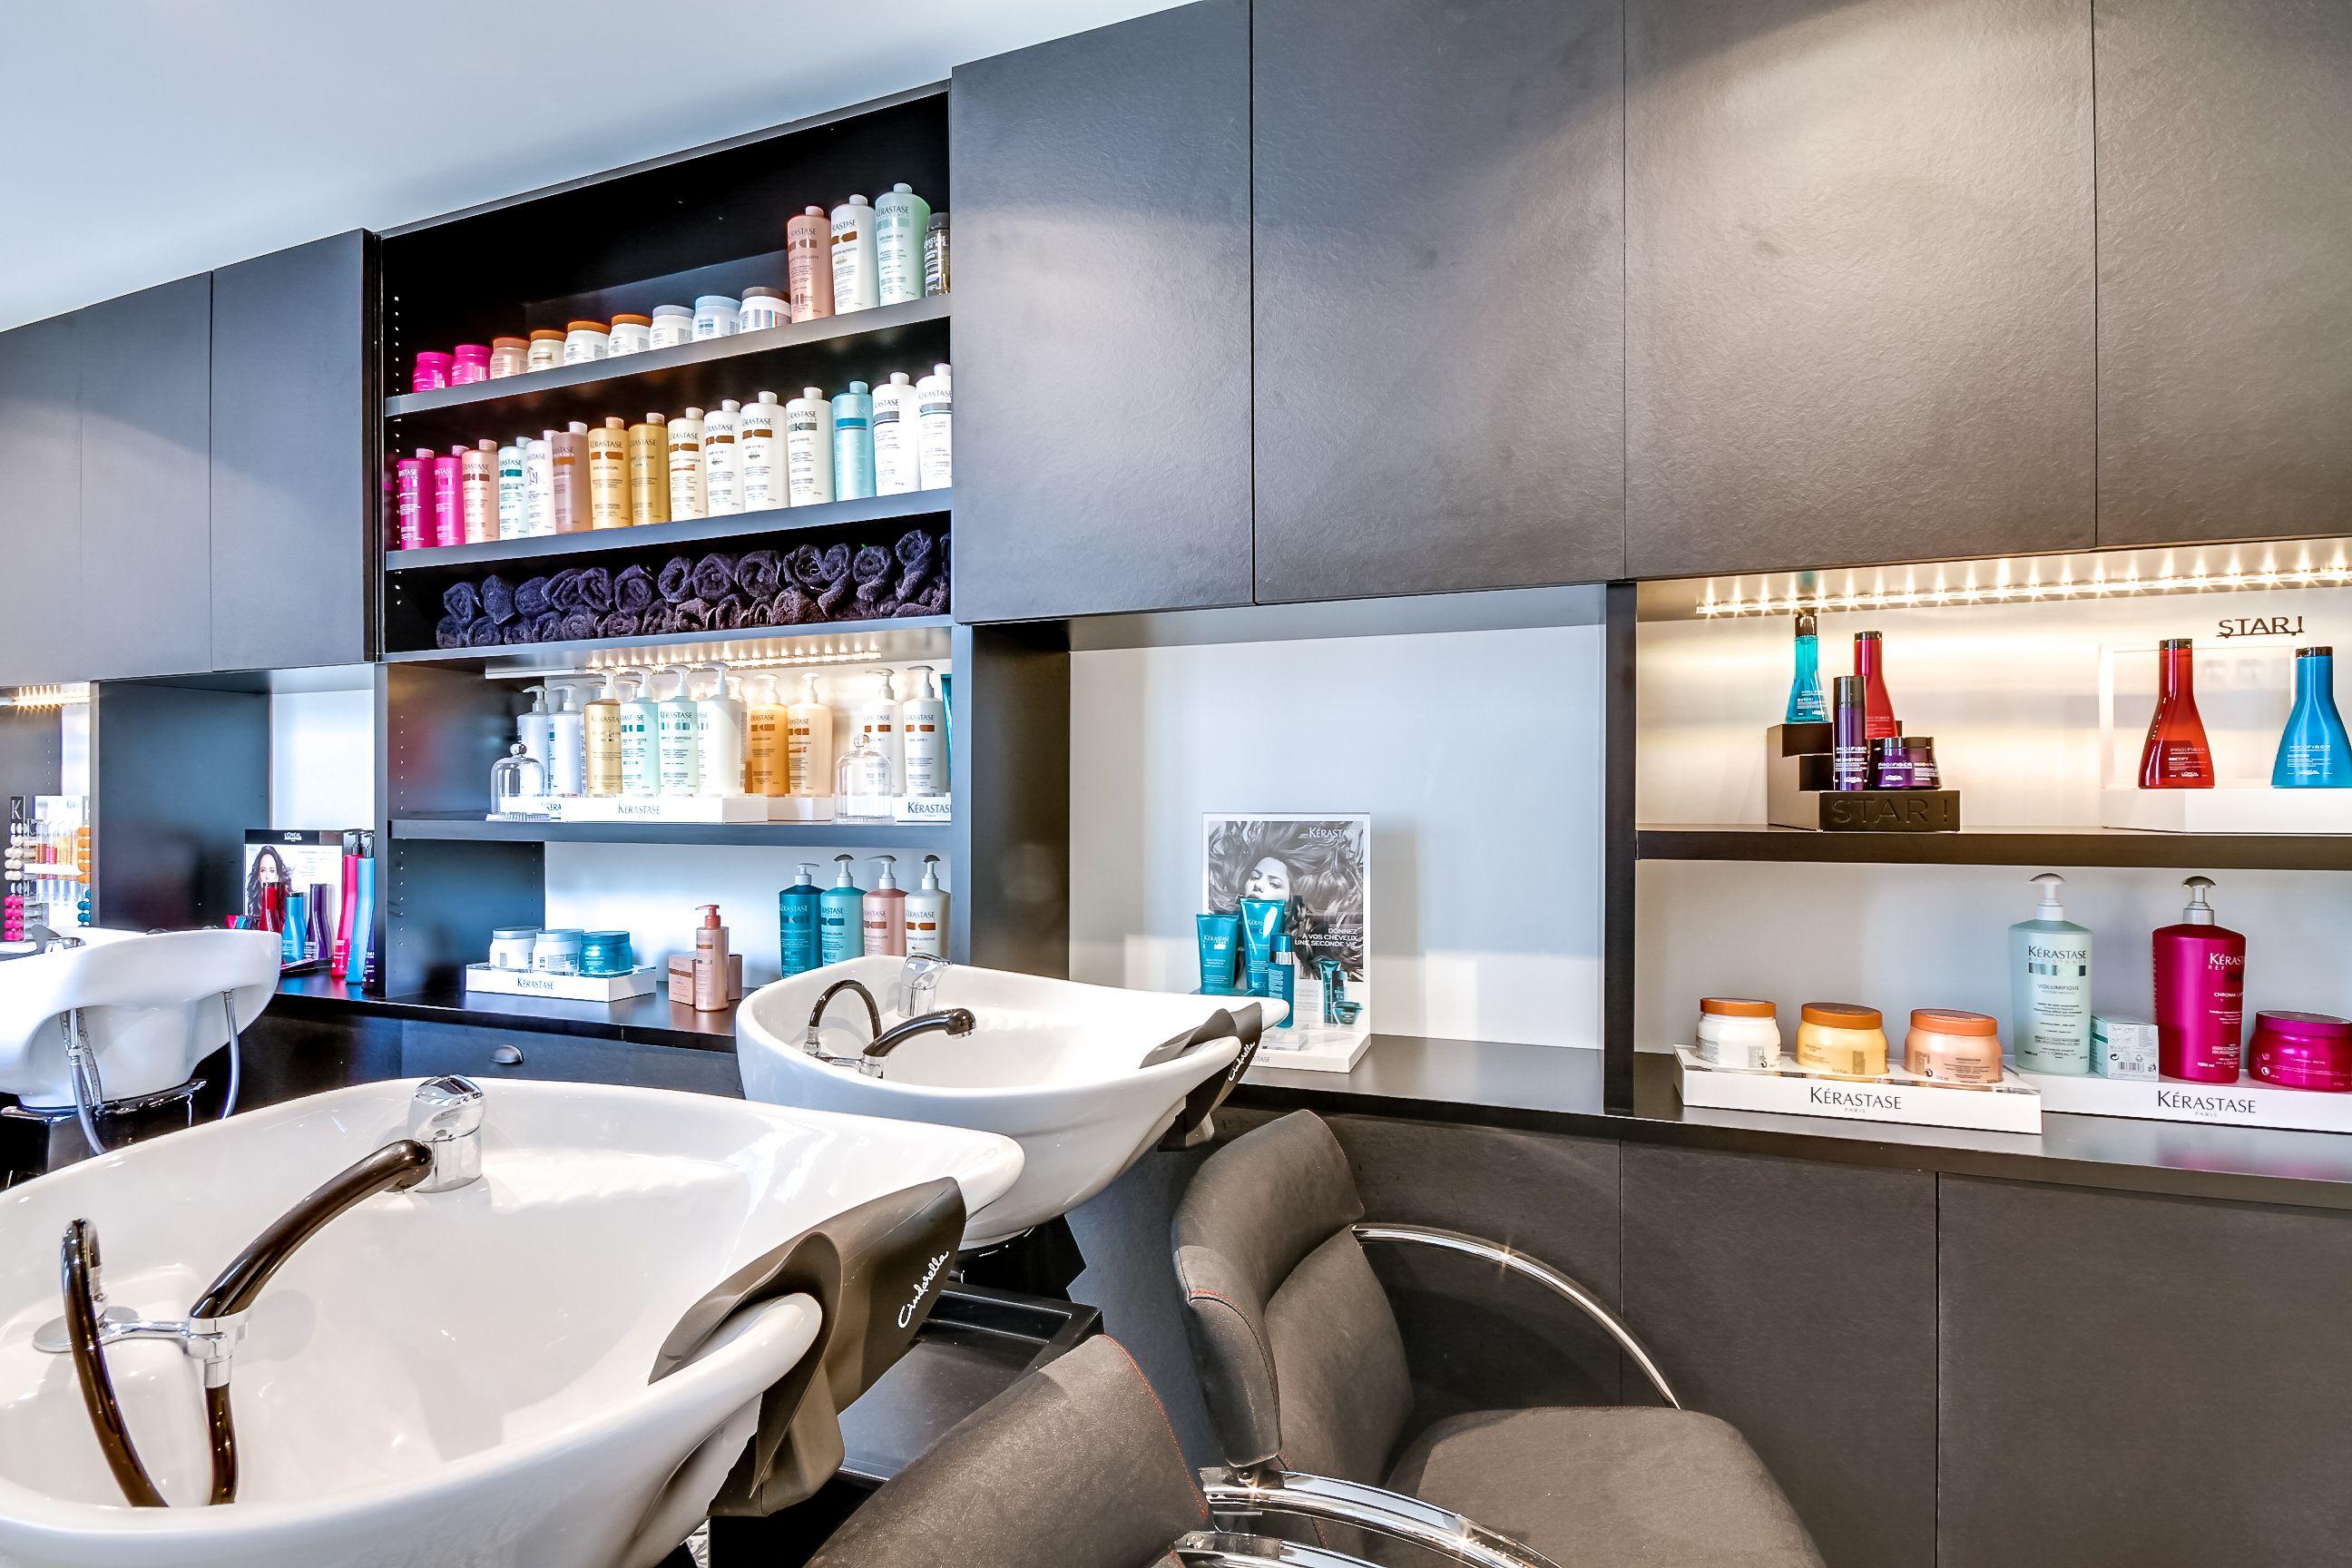 R novation totale salon de coiffure paris for Salon de coiffure sur paris